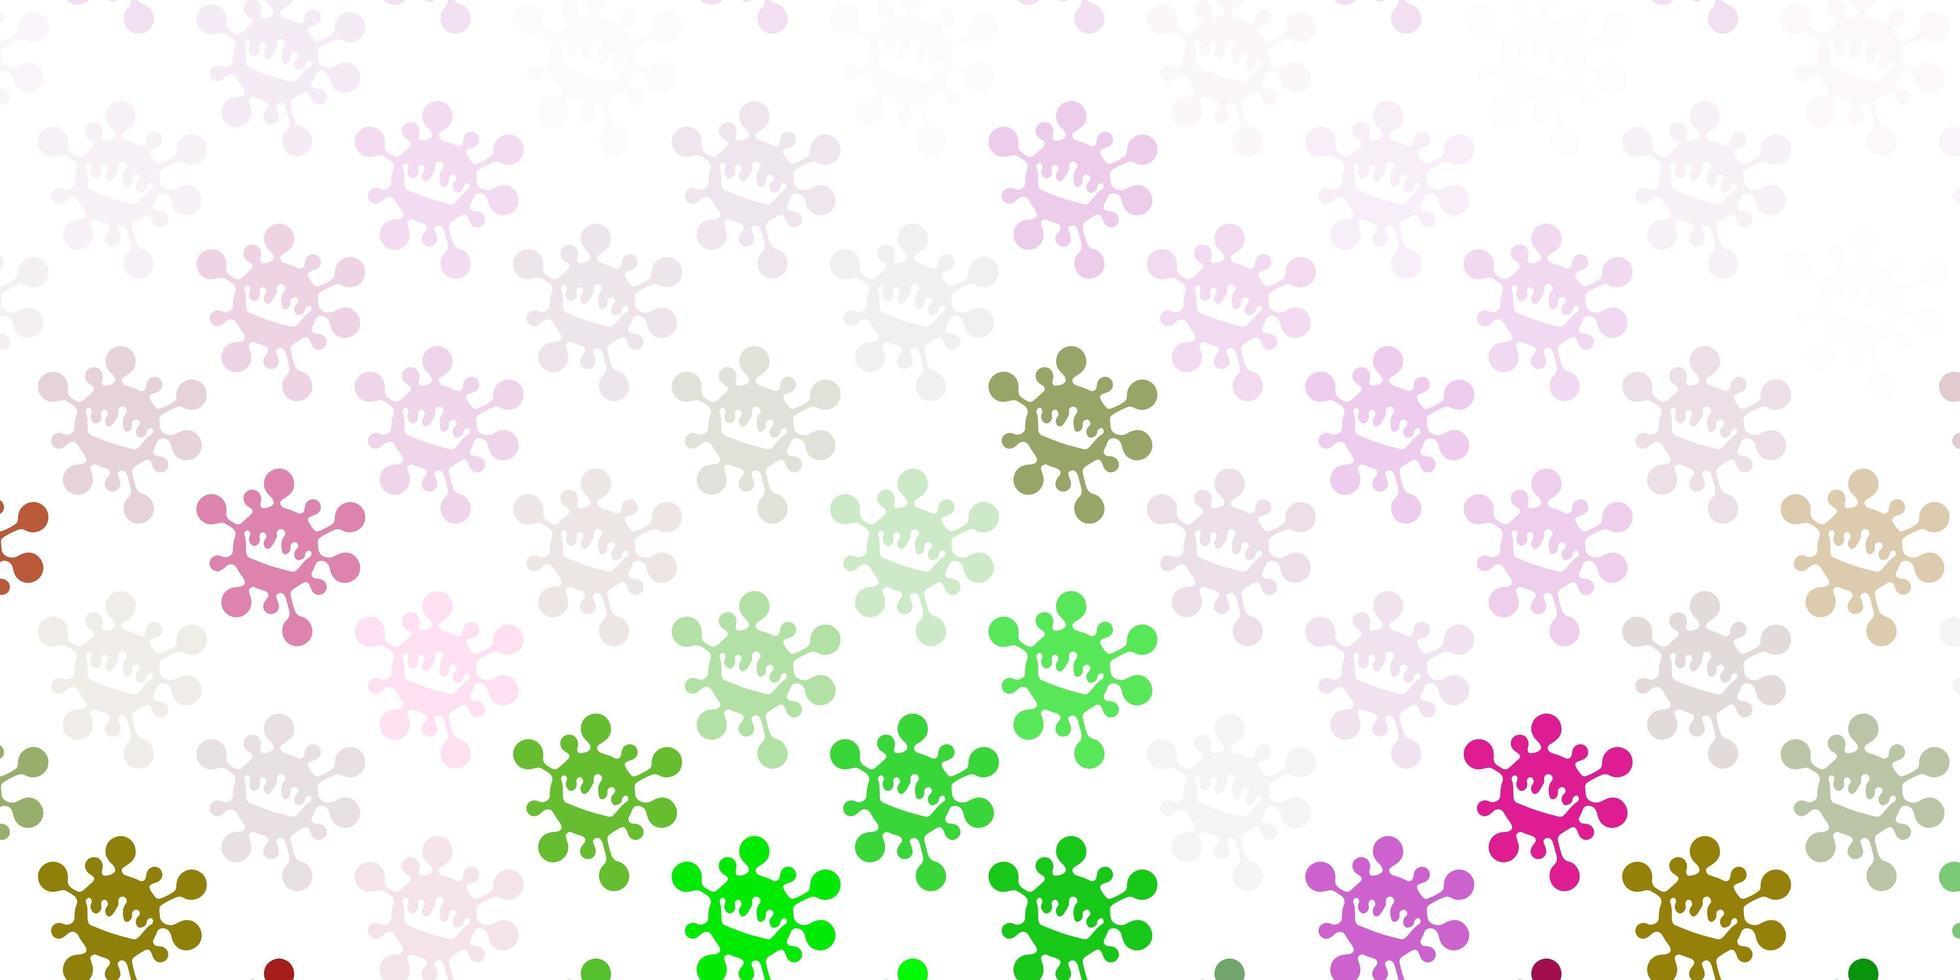 hellrosa, grüne Vektorbeschaffenheit mit Krankheitssymbolen. vektor